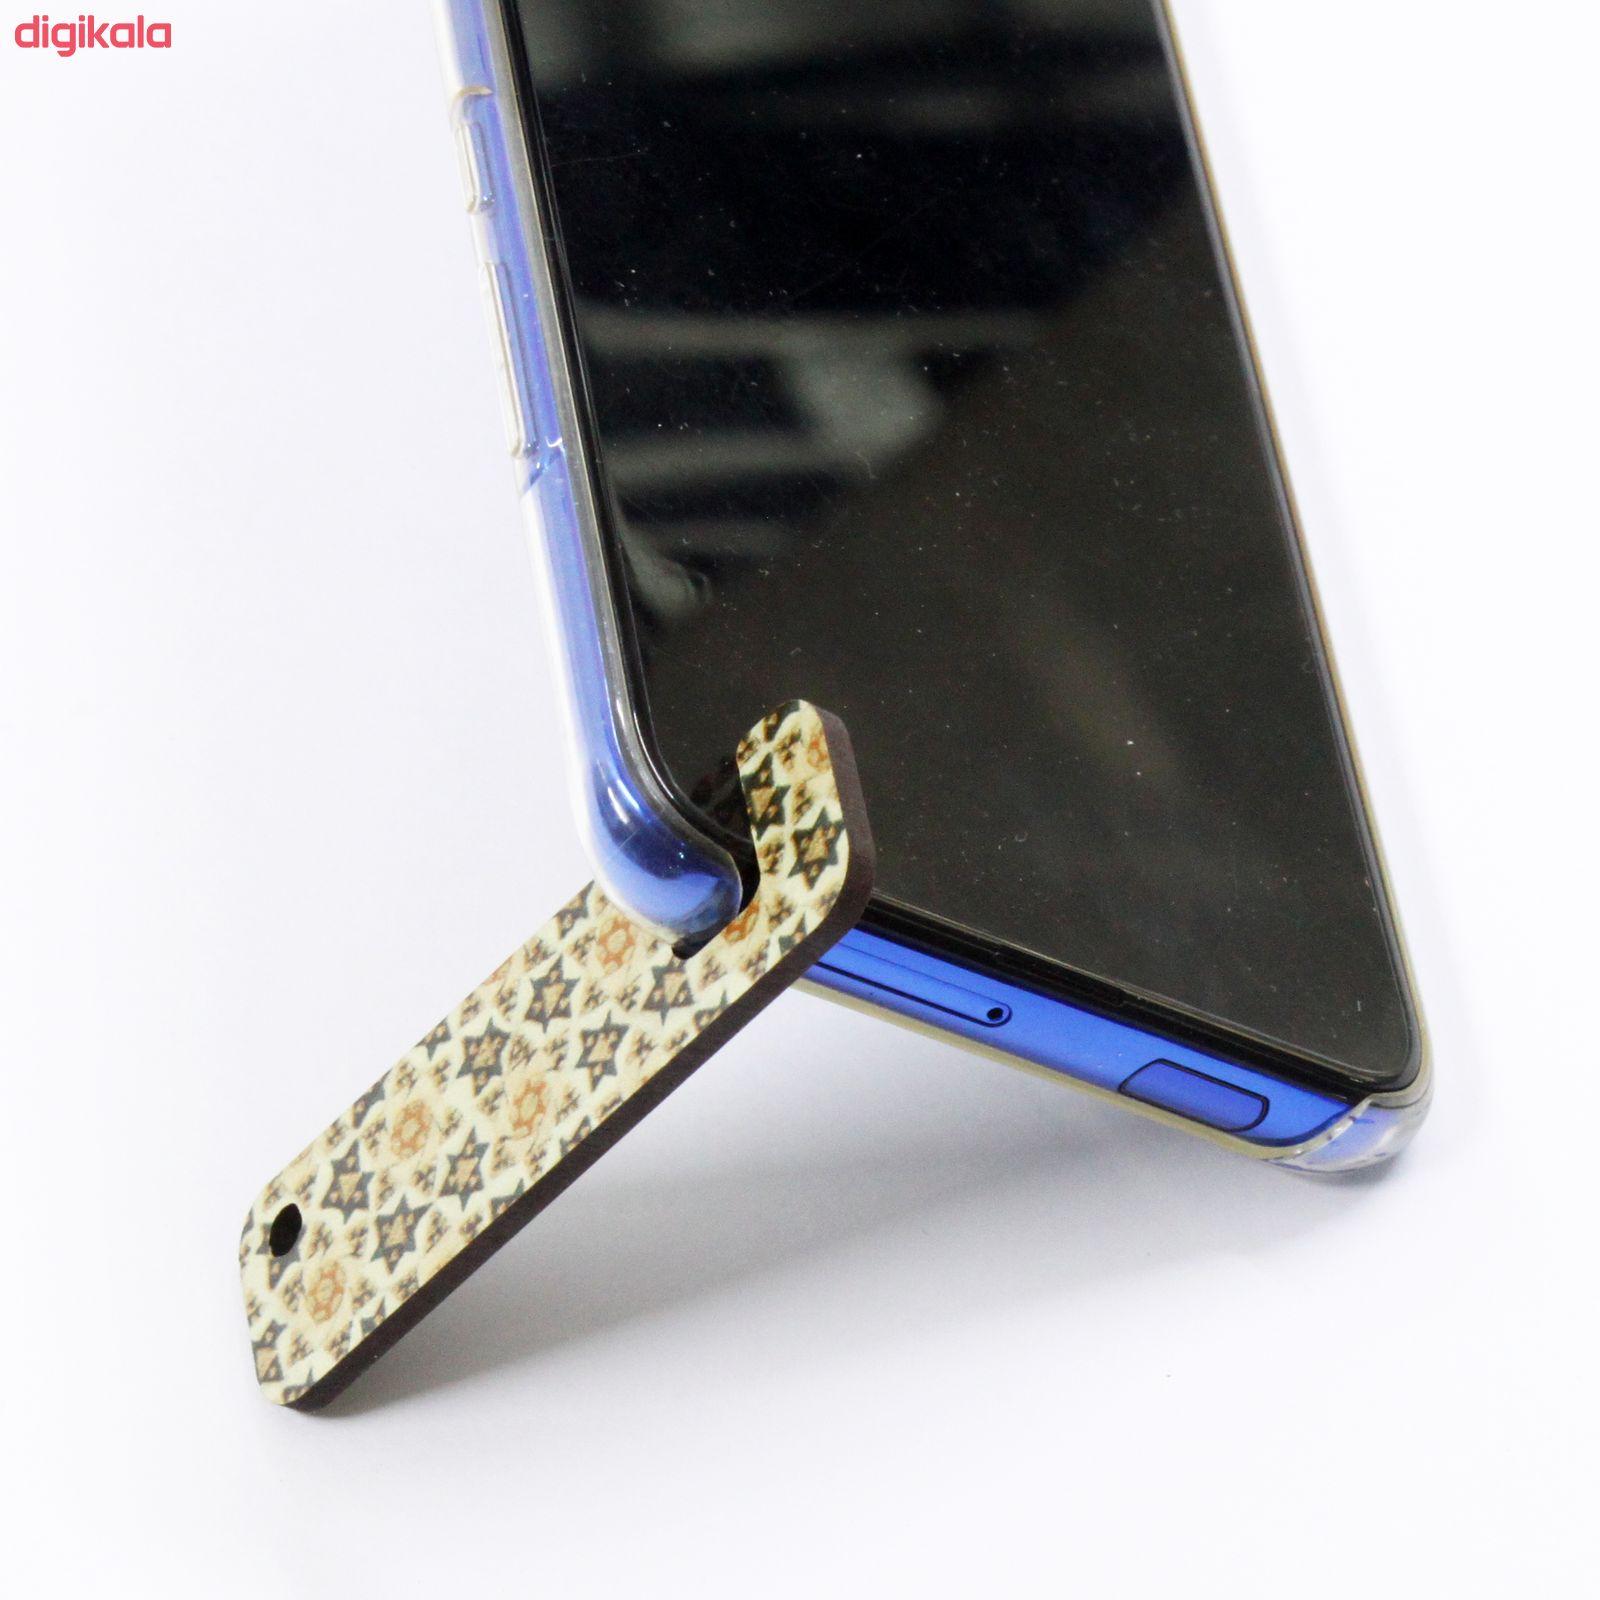 پایه نگهدارنده گوشی موبایل مدل LS010 مجموعه8 عددی main 1 2